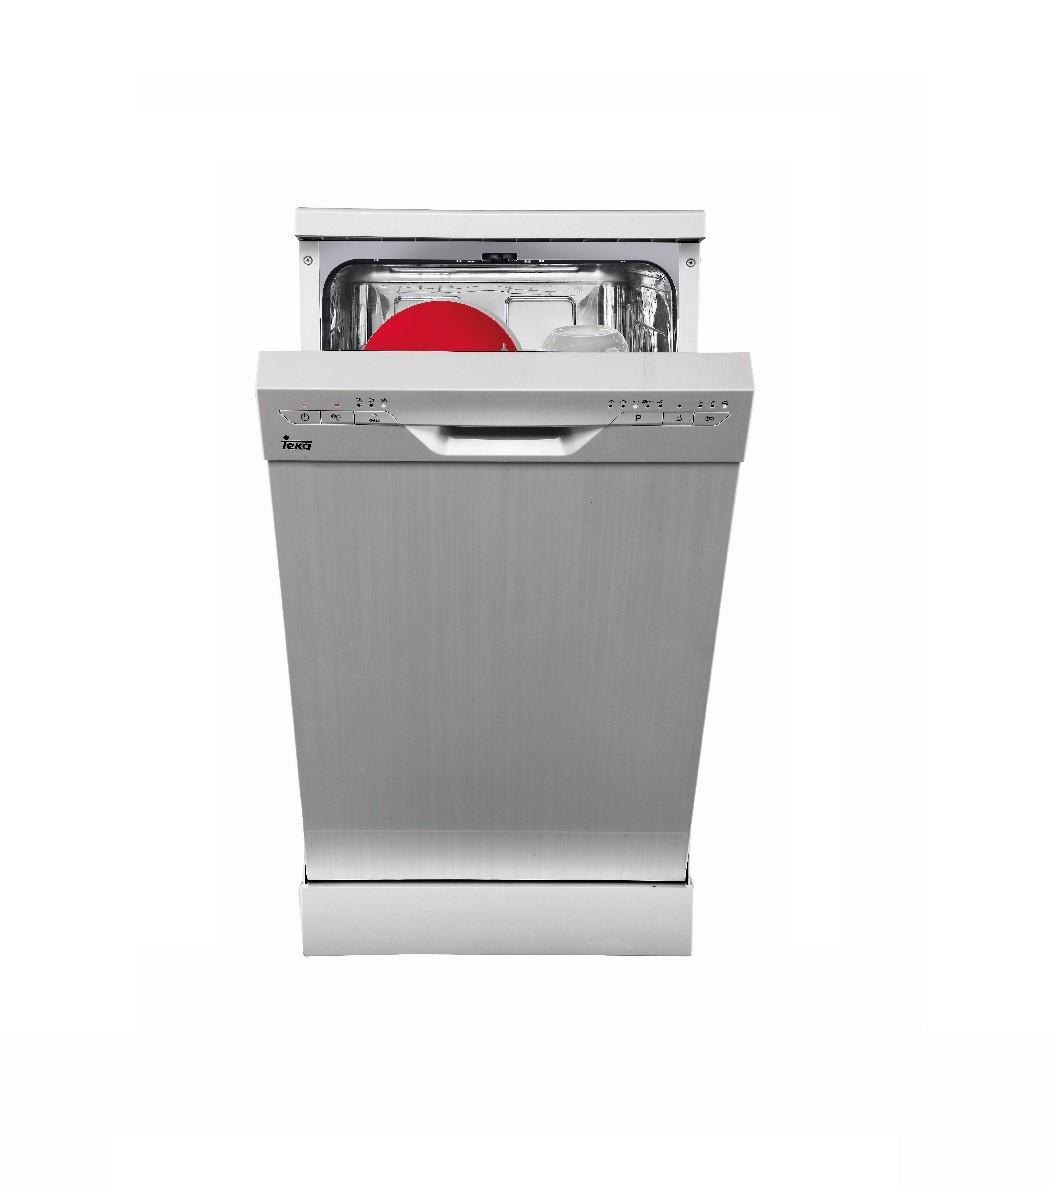 Teka LP8 410 Ελεύθερο Πλυντήριο Πιάτων 45cm